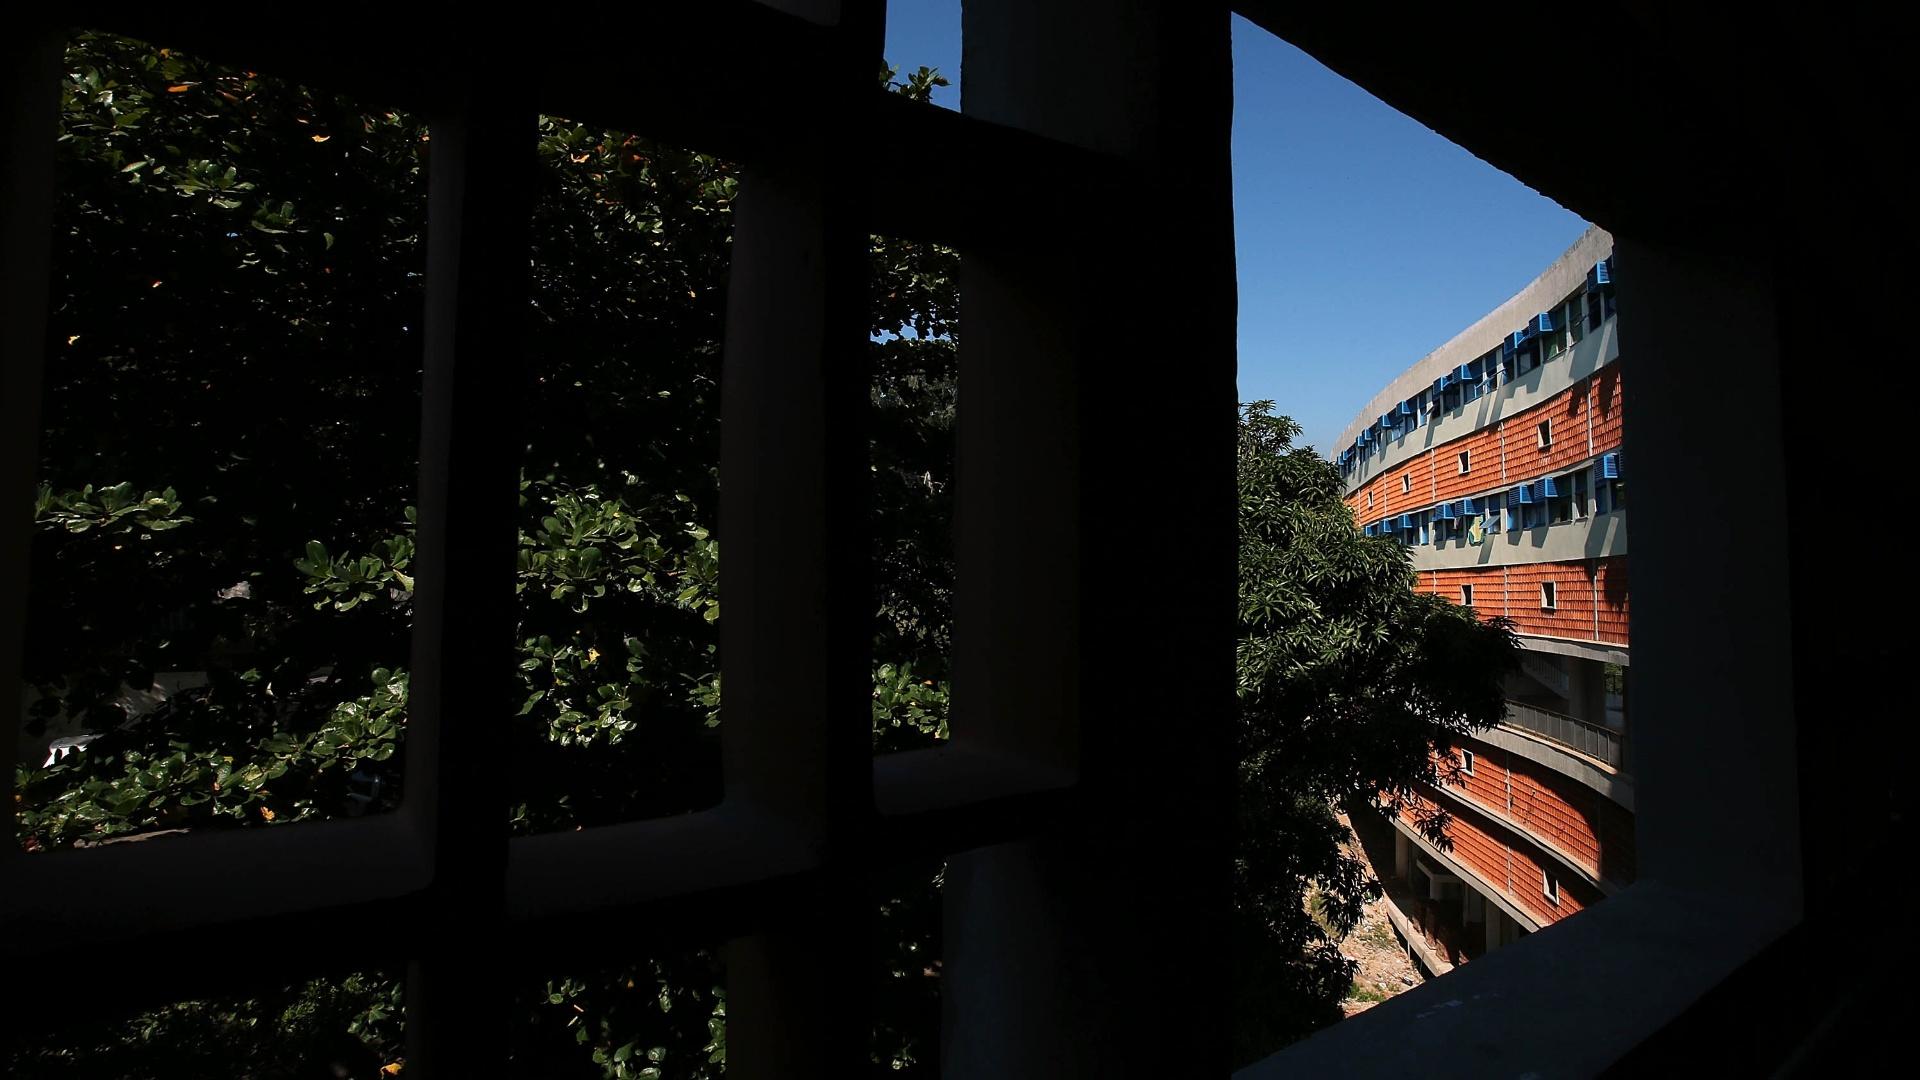 27.mai.2015 - Parte da fachada restaurada do conjunto Pedregulho é vista através de uma janela. Também é possível ver a vasta vegetação que cerca o prédio